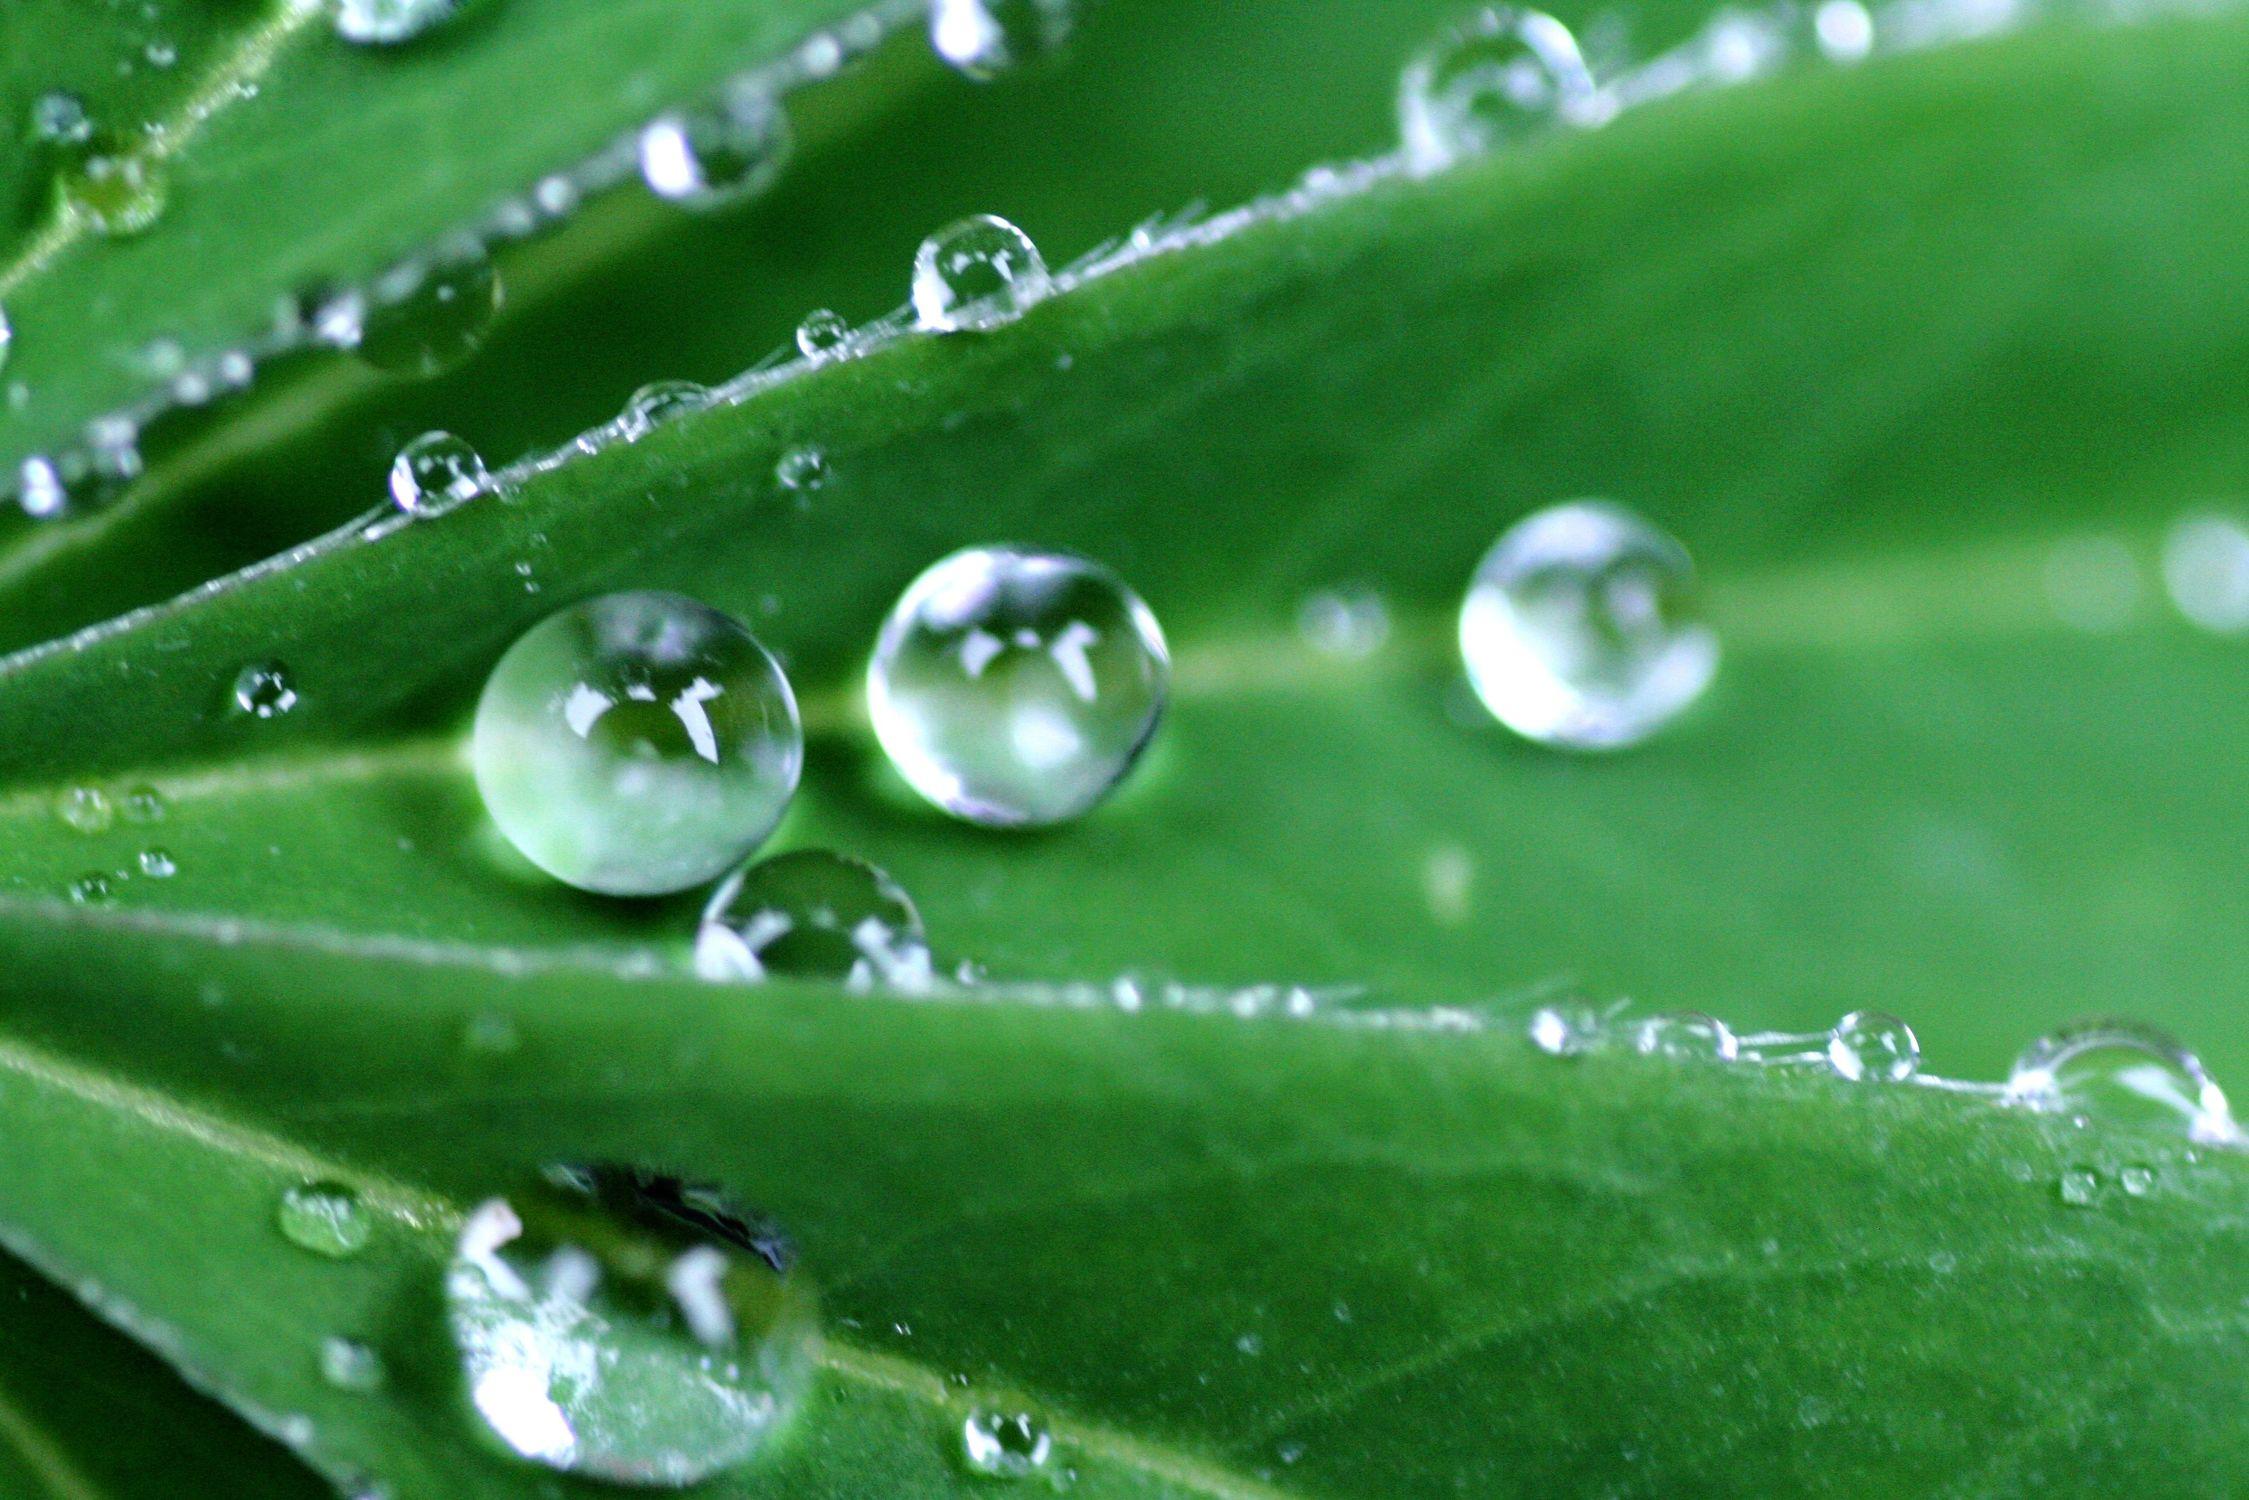 Bild mit Natur, Wasser, Pflanzen, Wassertropfen, Tropfen, Rain drops